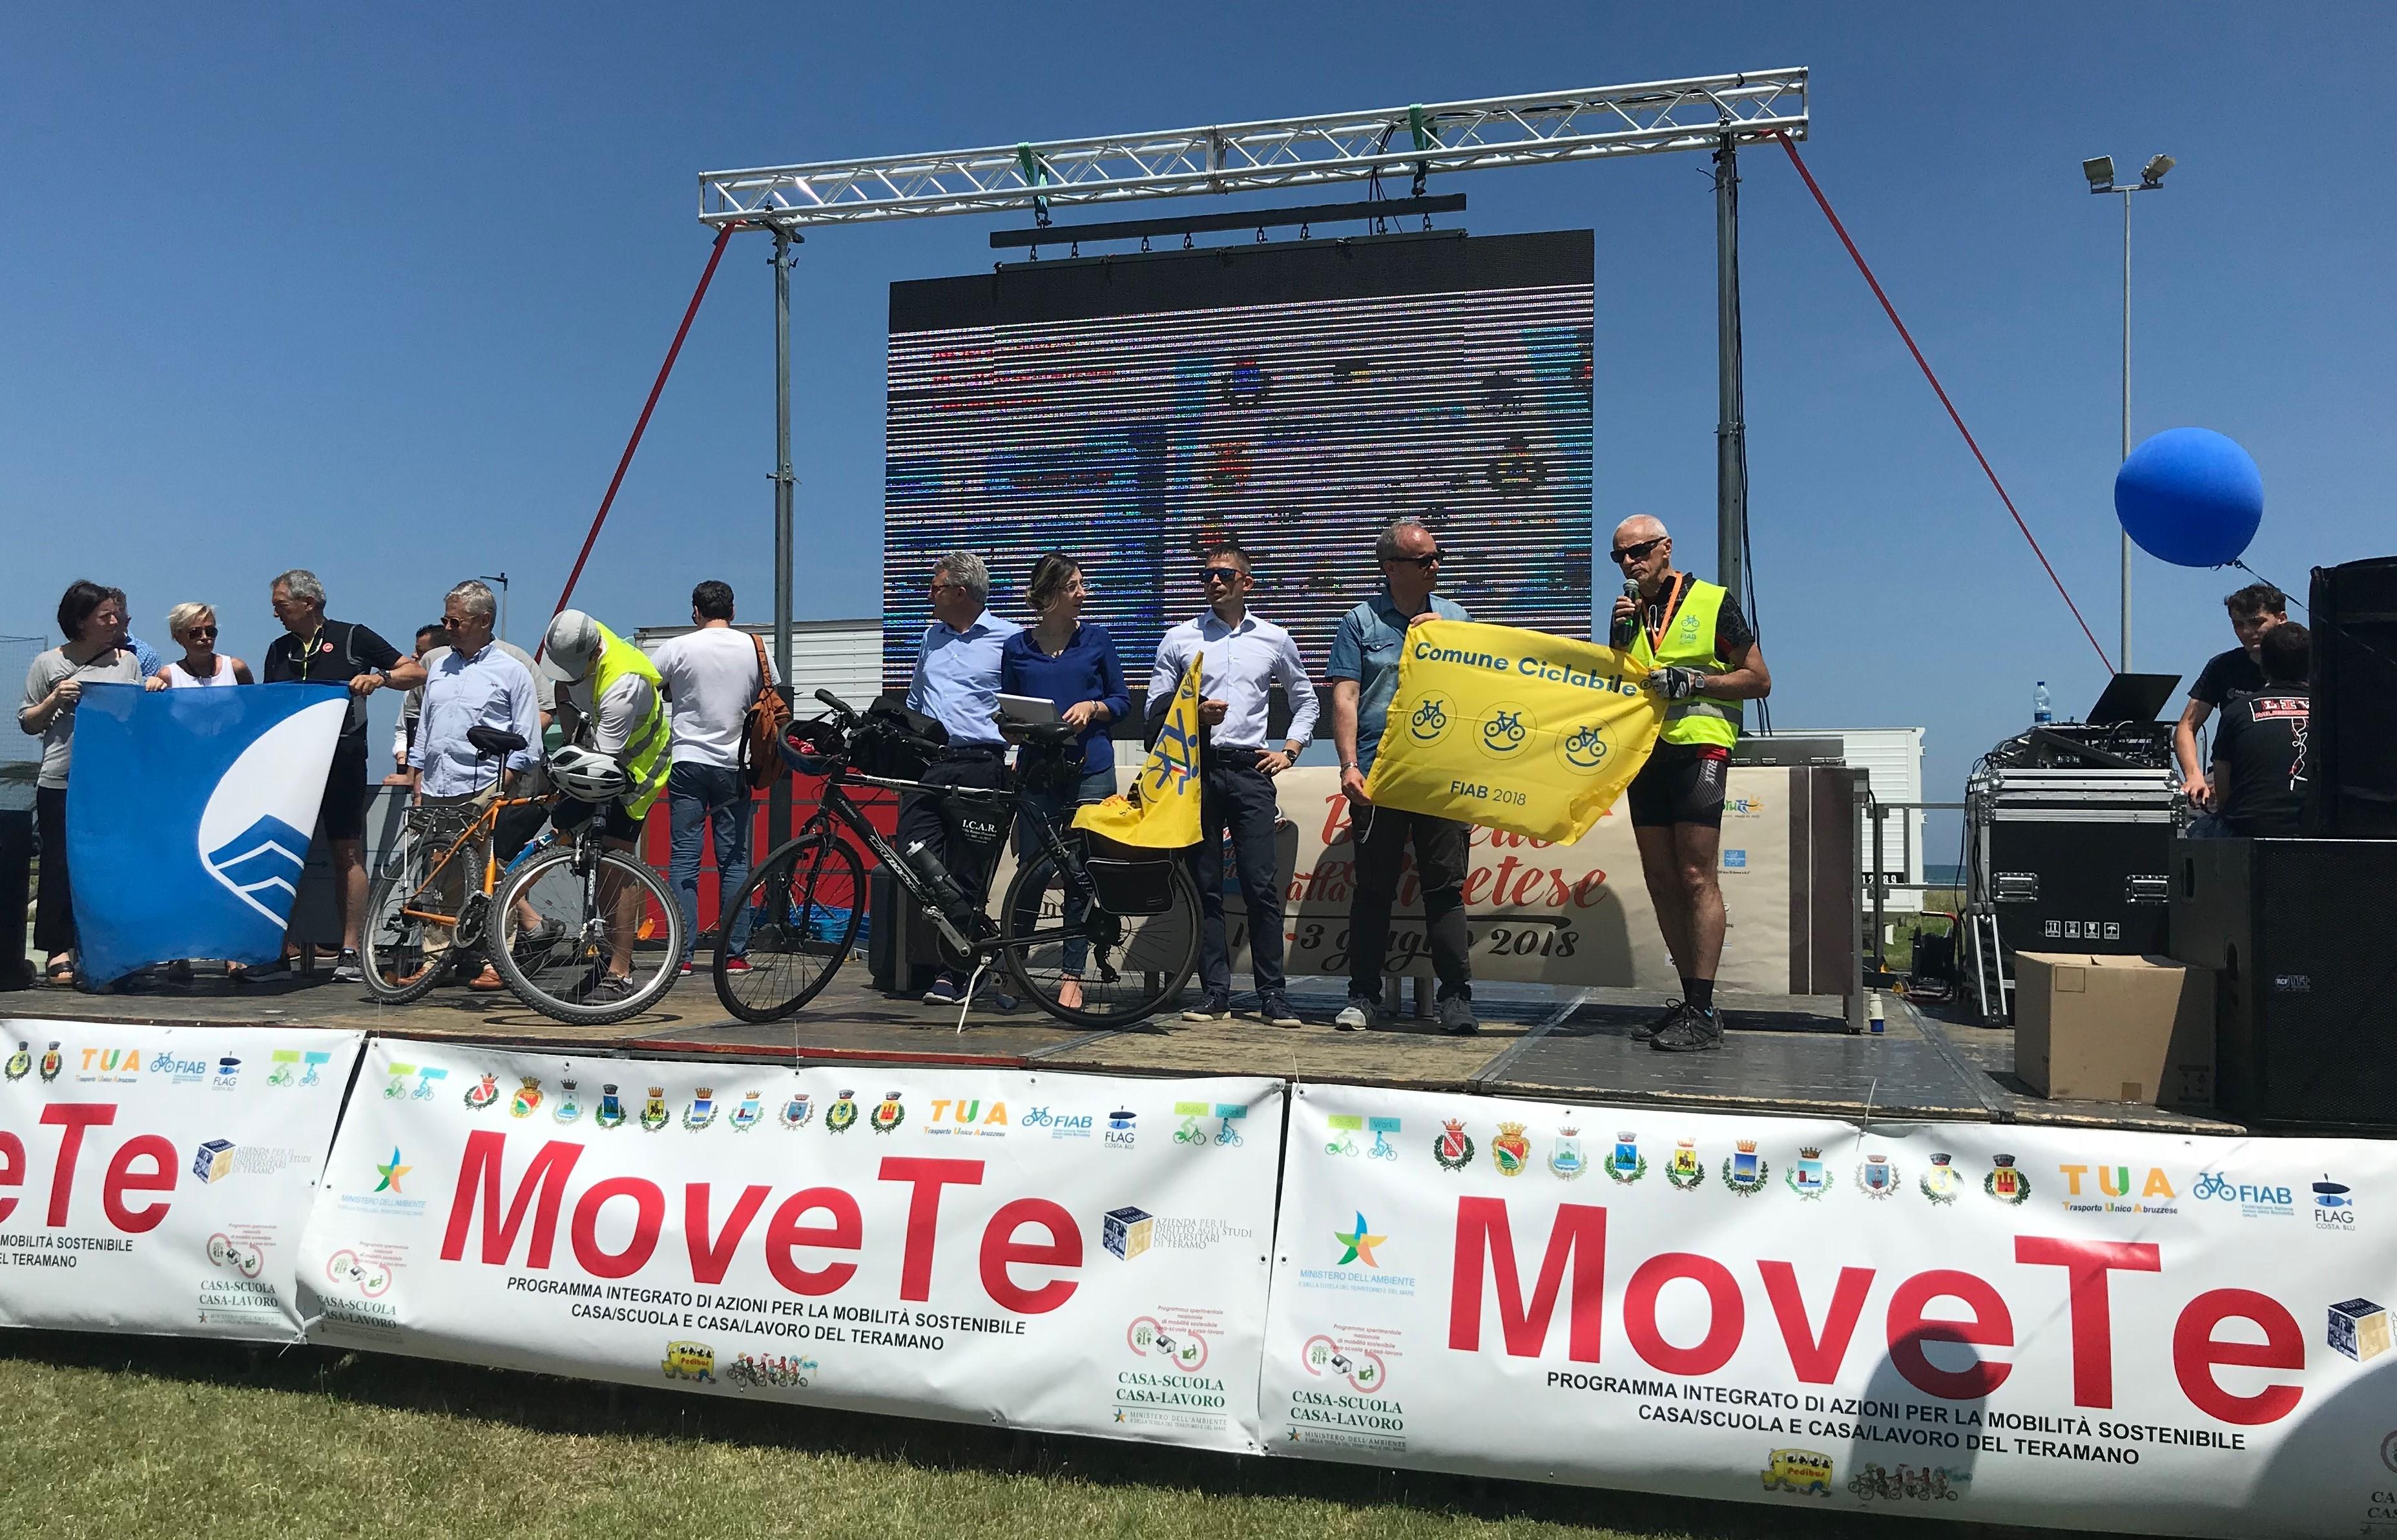 Presentazione progetto MoveTe a Pineto